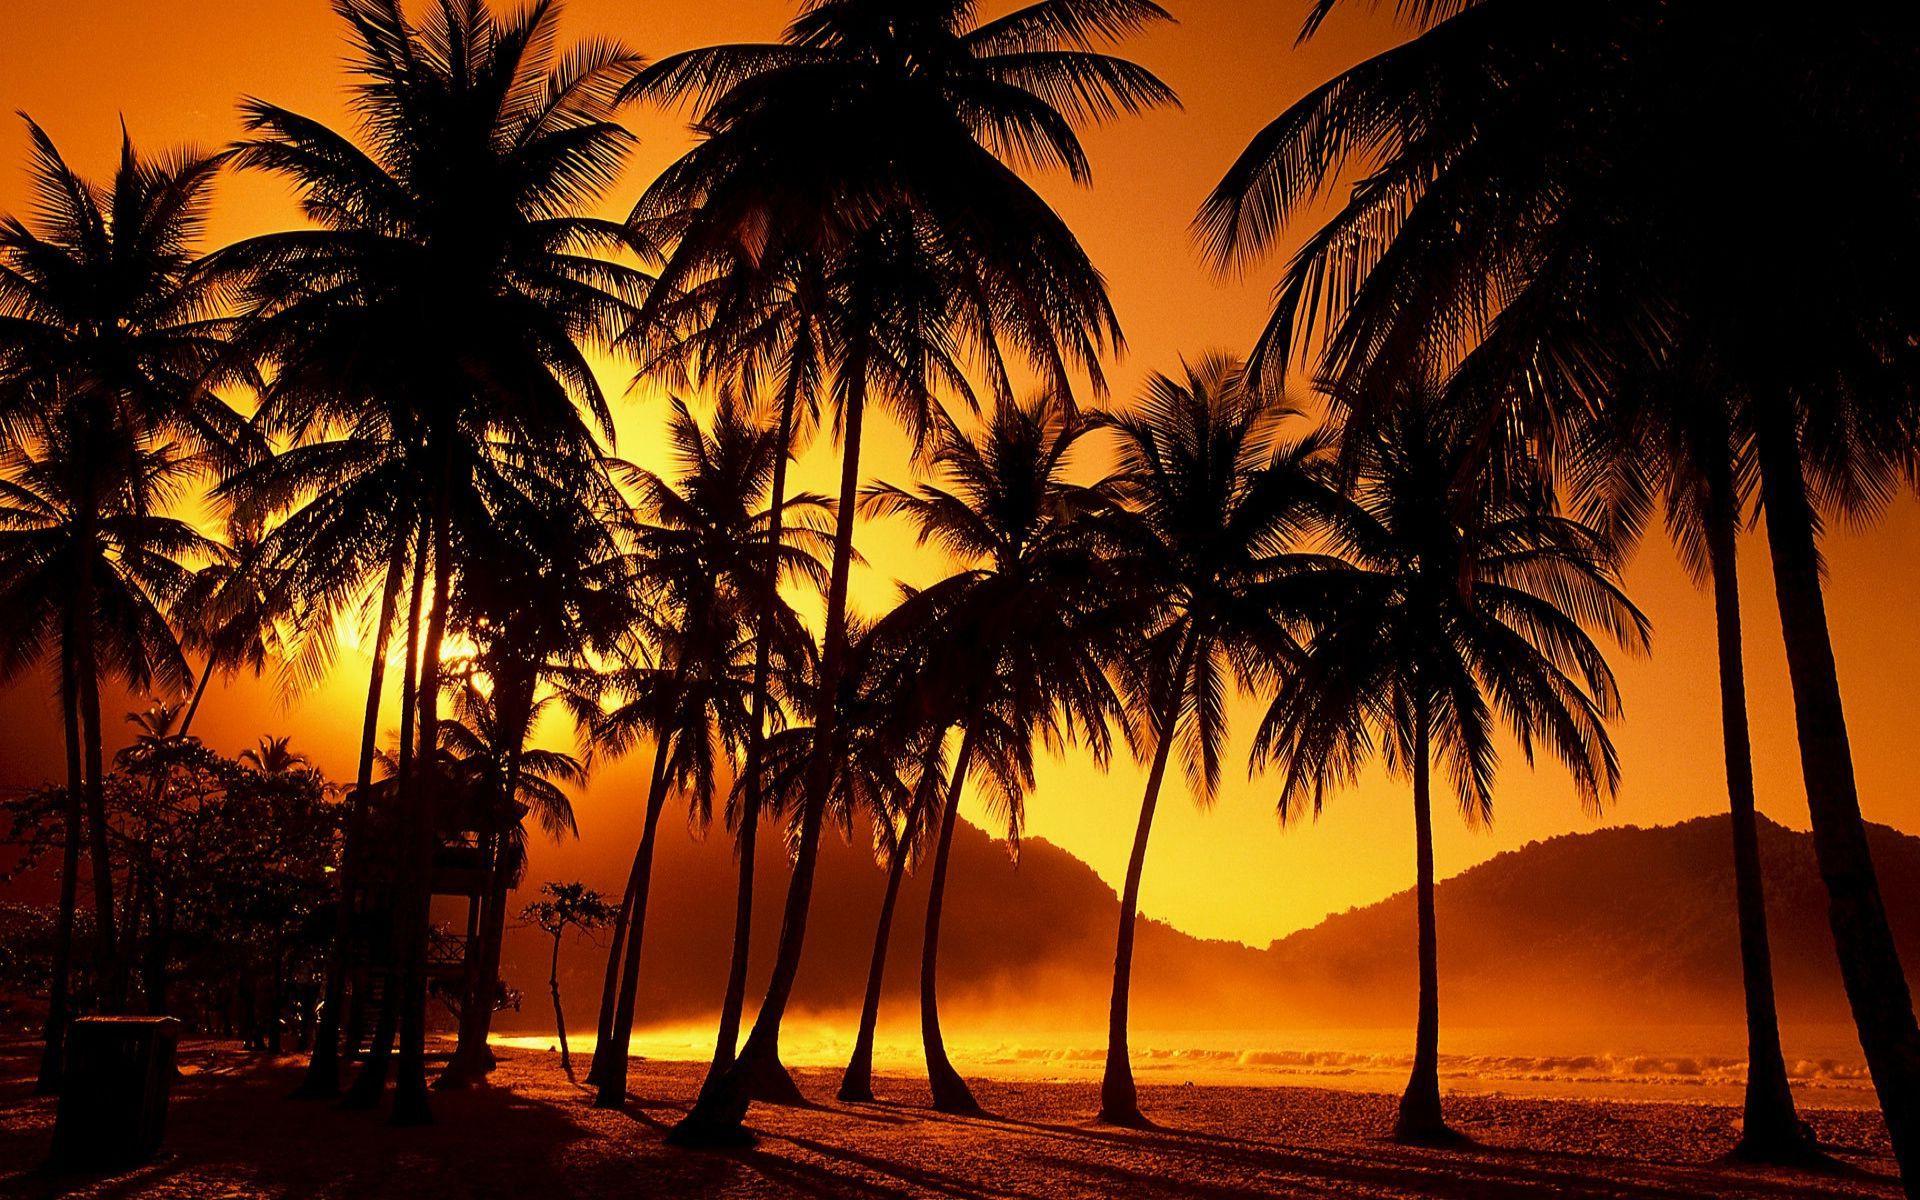 Palm Trees Beach HD desktop wallpaper High Definition